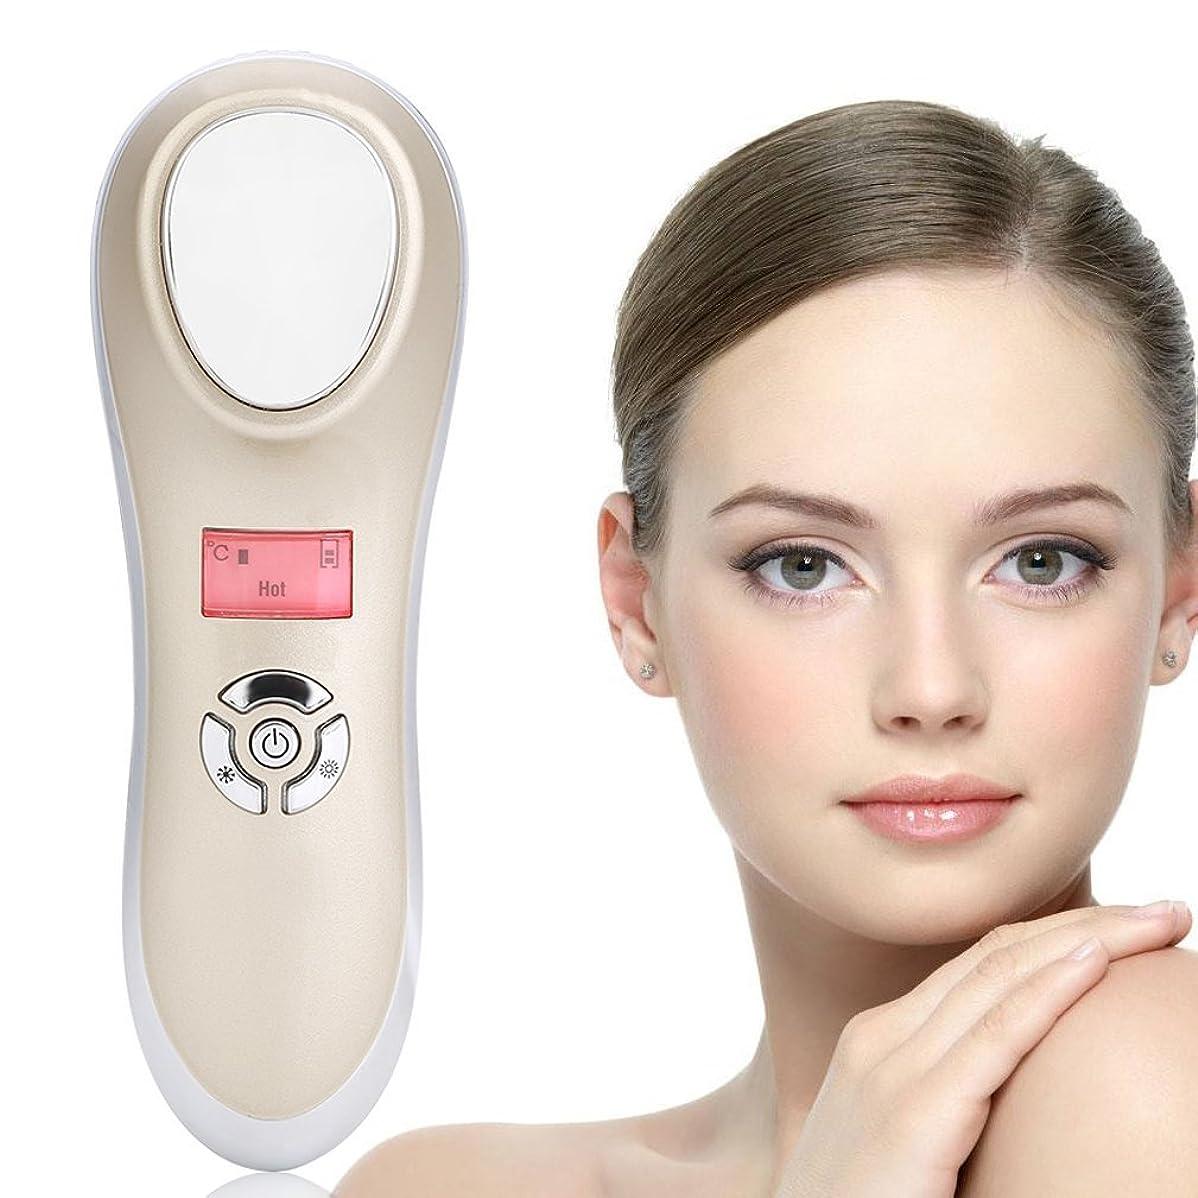 マイクロパキスタン人アーティファクト美の器械、携帯用手持ち型の音波再充電可能なイオン顔のマッサージャーの熱くそして冷たい機械スキンケア装置